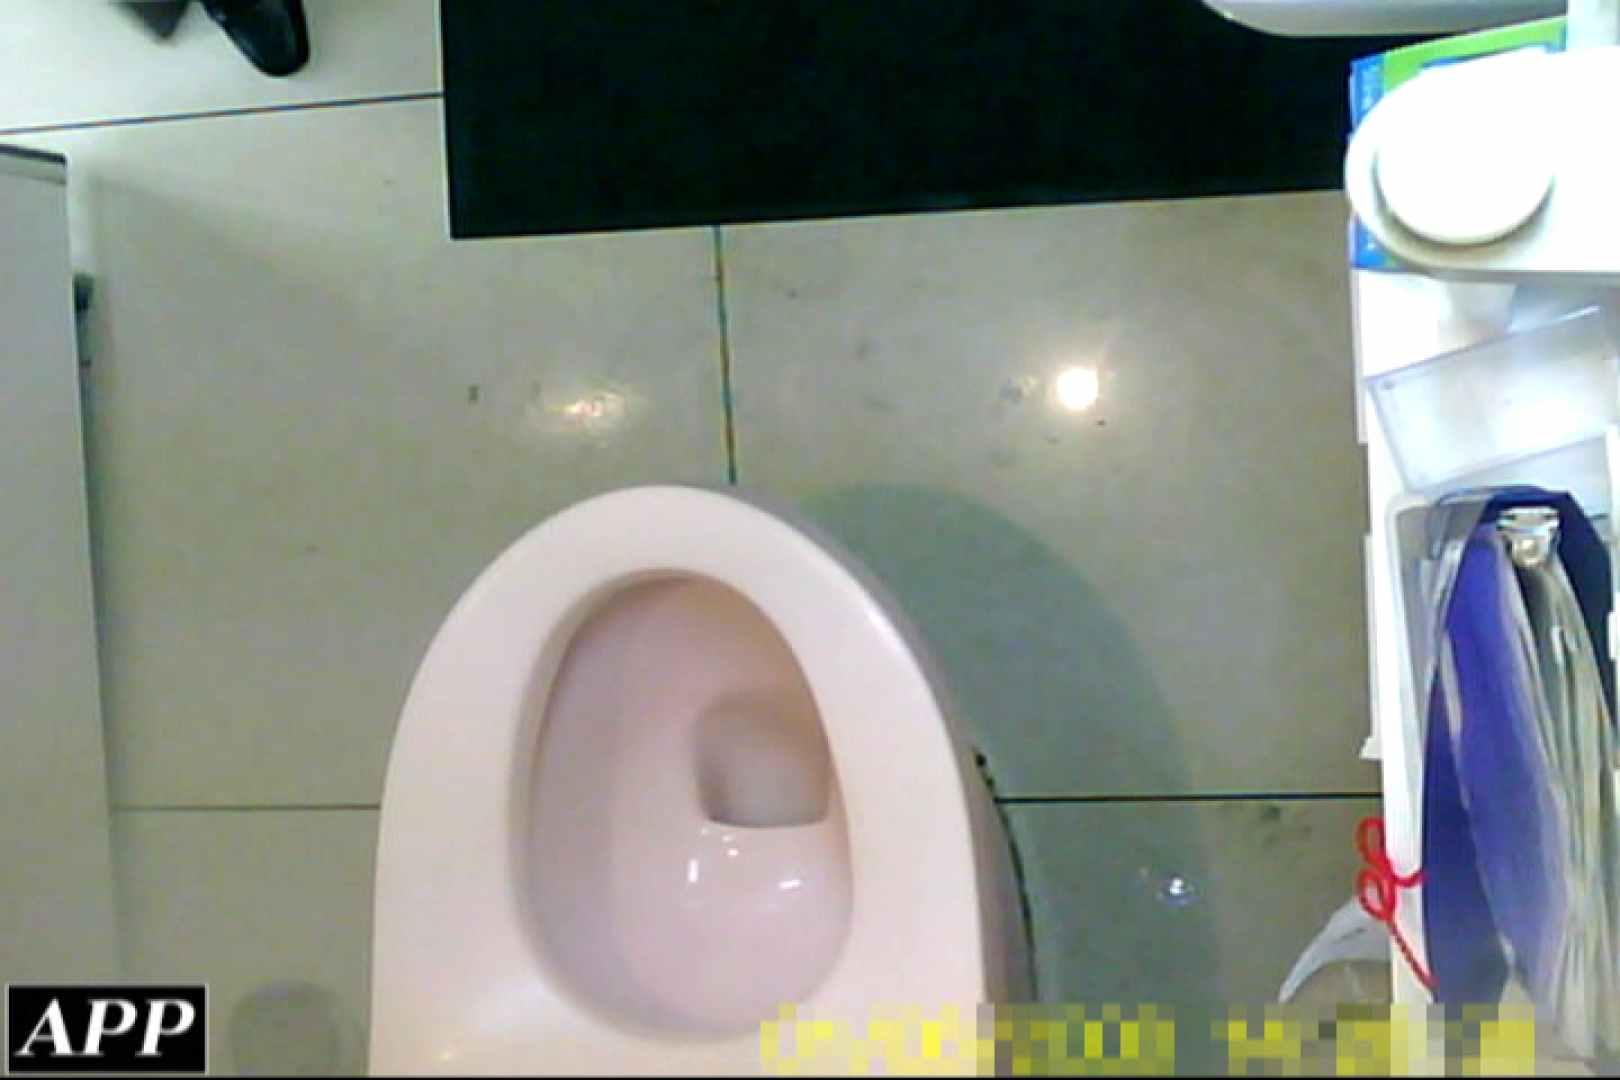 3視点洗面所 vol.93 オマンコ無修正  106Pix 11